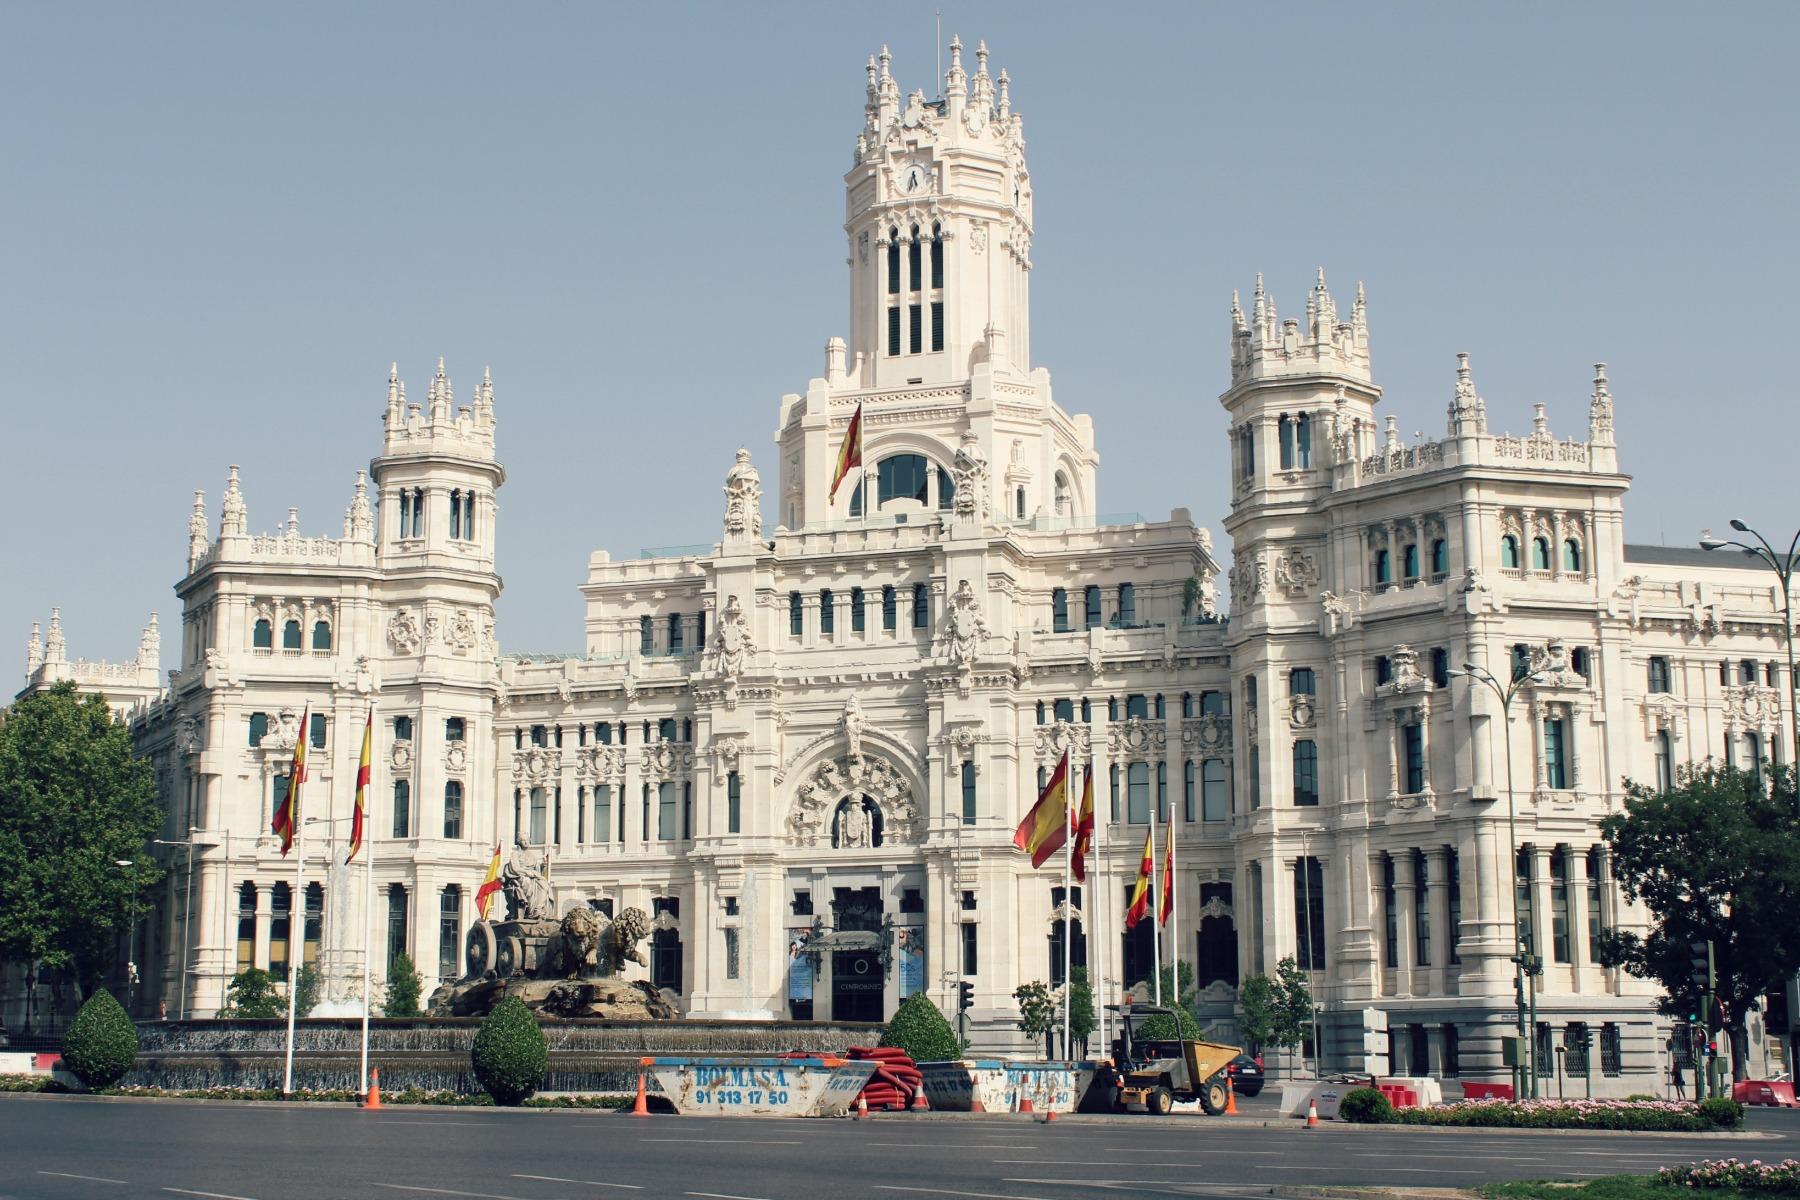 Plaza de Cibeles: